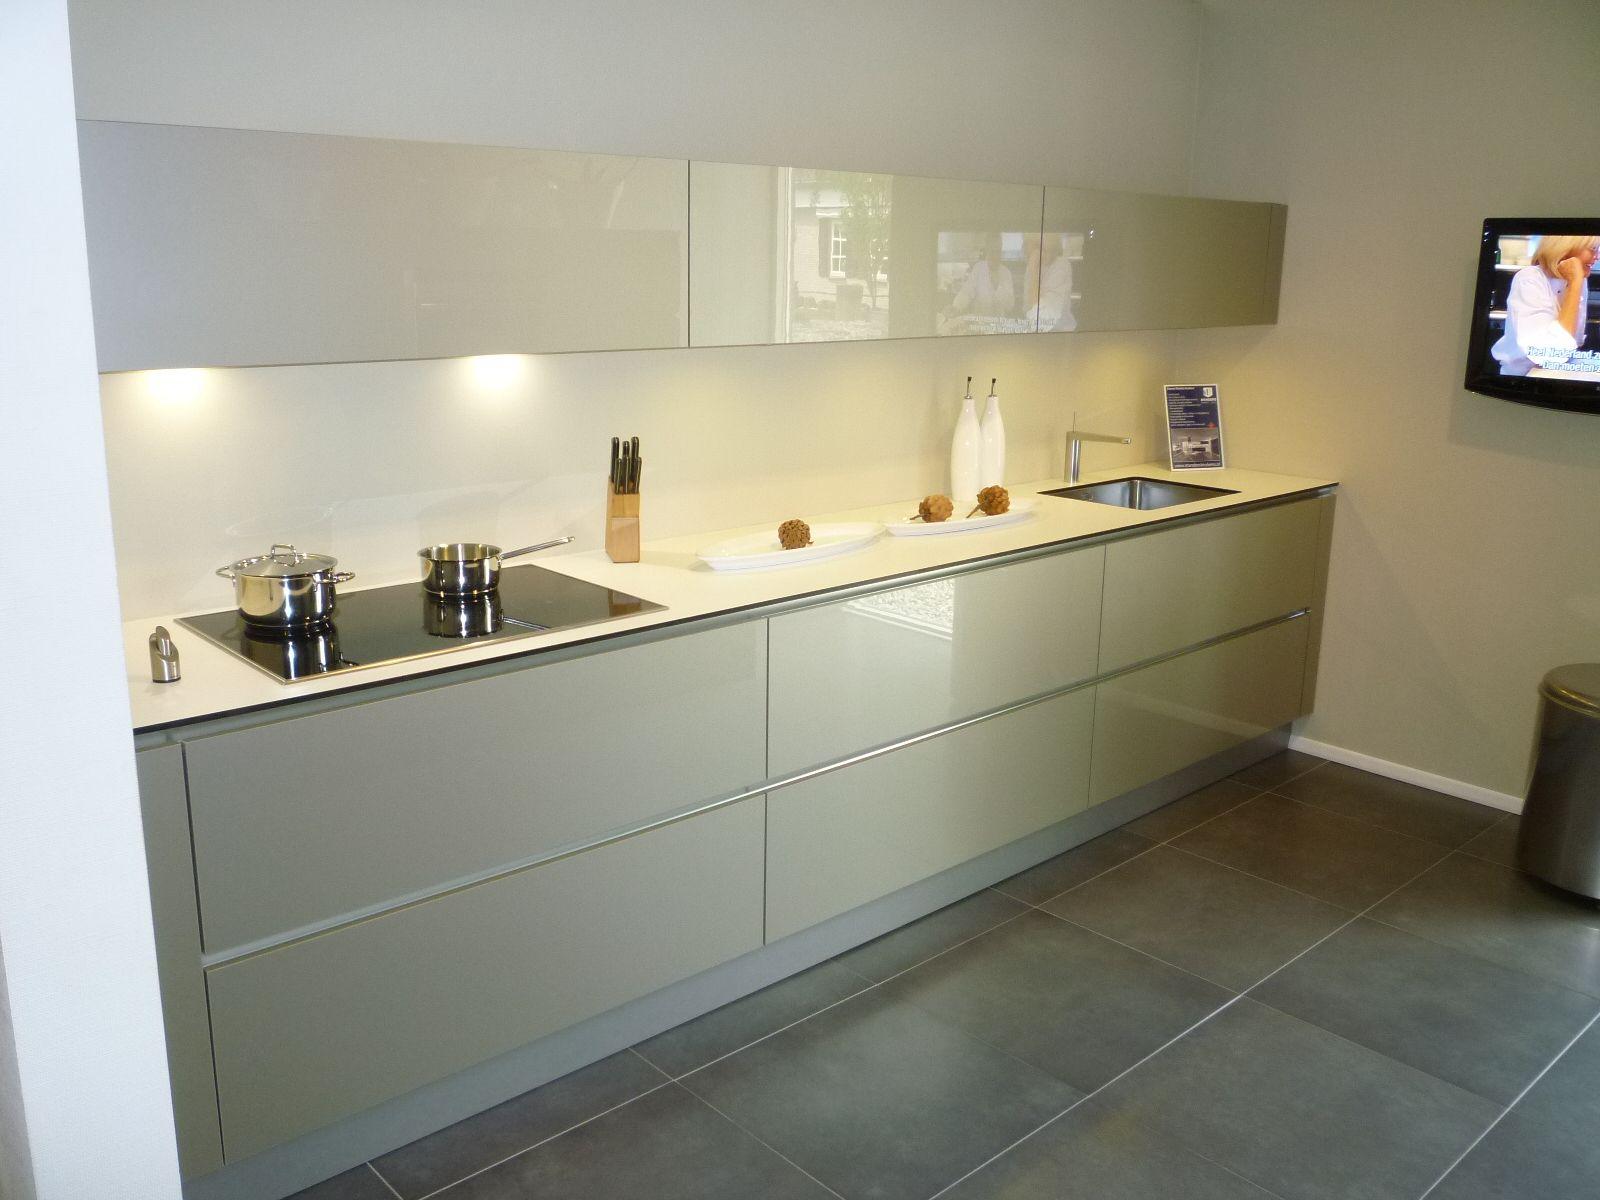 Design Keuken Greeploos : ... keukens voor zeer lage keuken prijzen ...